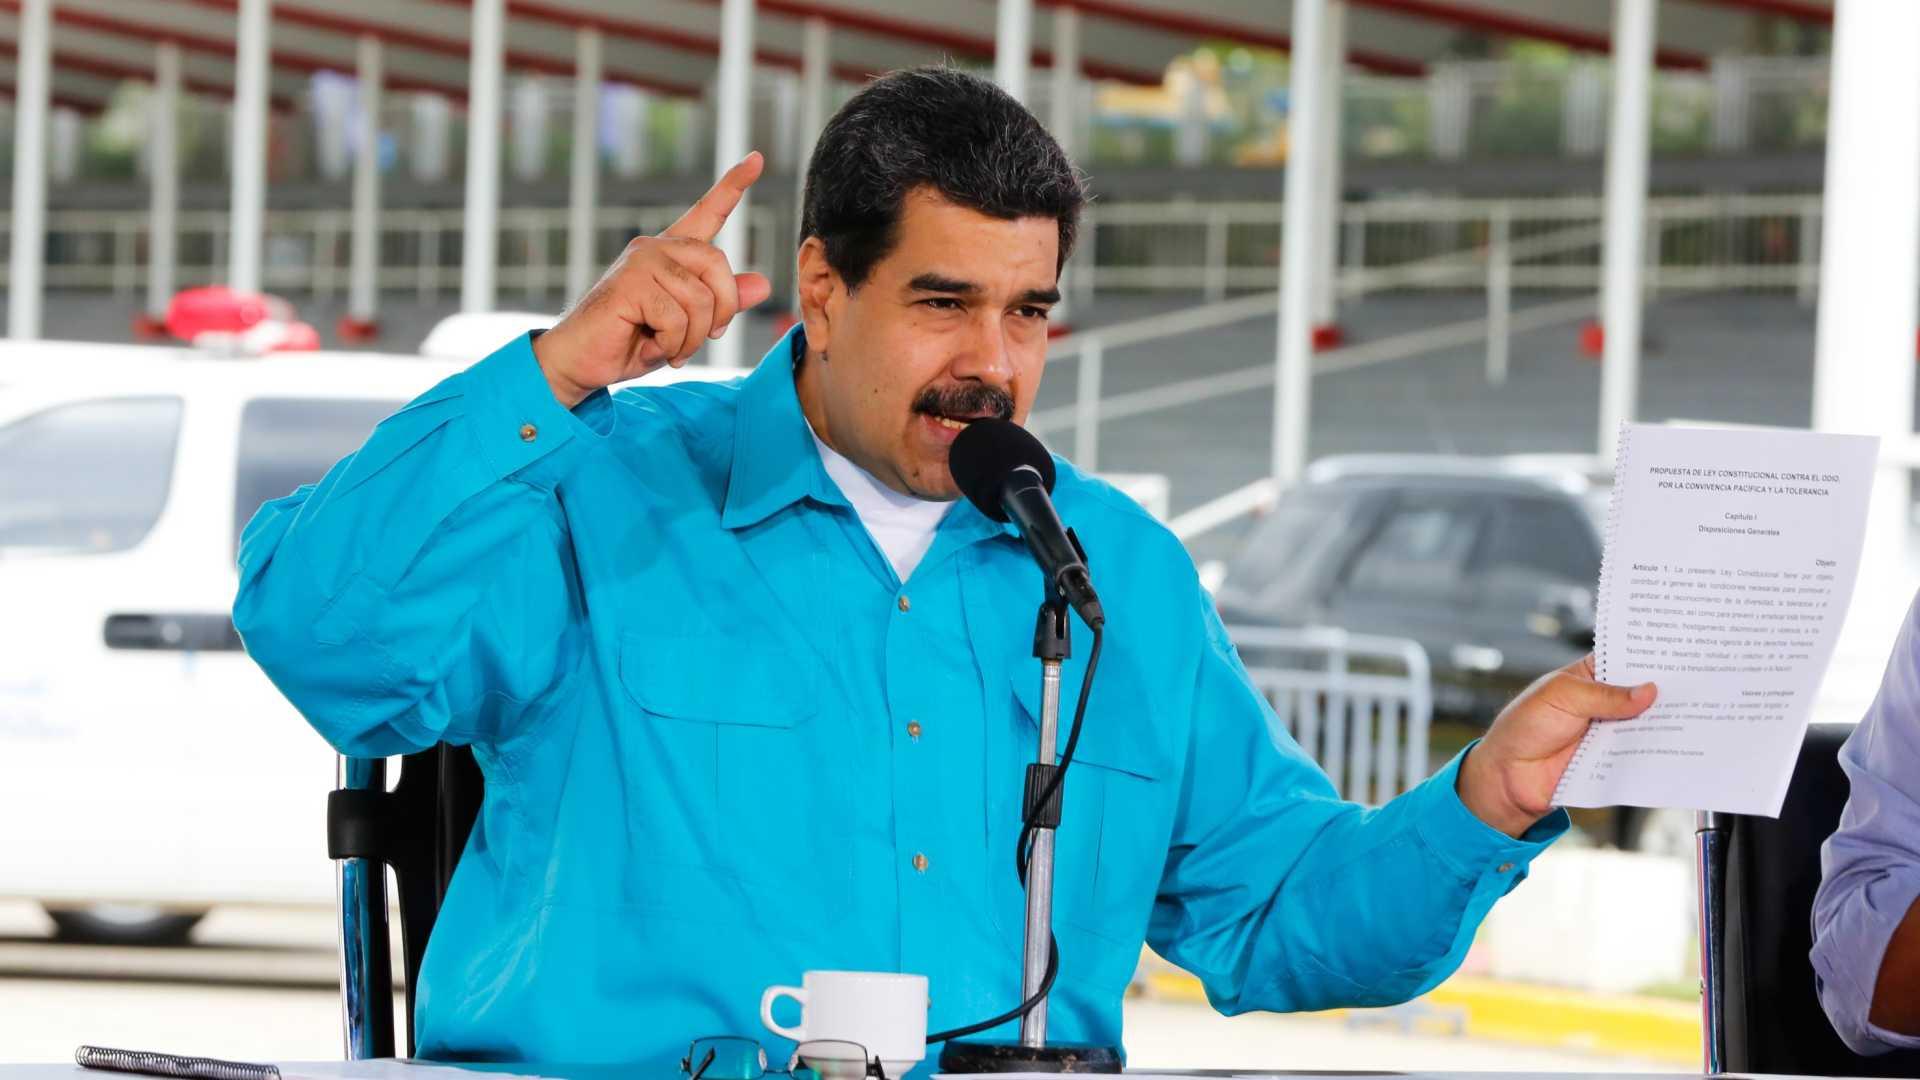 """maduro diz que as sanções da união europeia """"são estúpidas"""" - MADURO - Maduro diz que as sanções da União Europeia """"são estúpidas"""""""